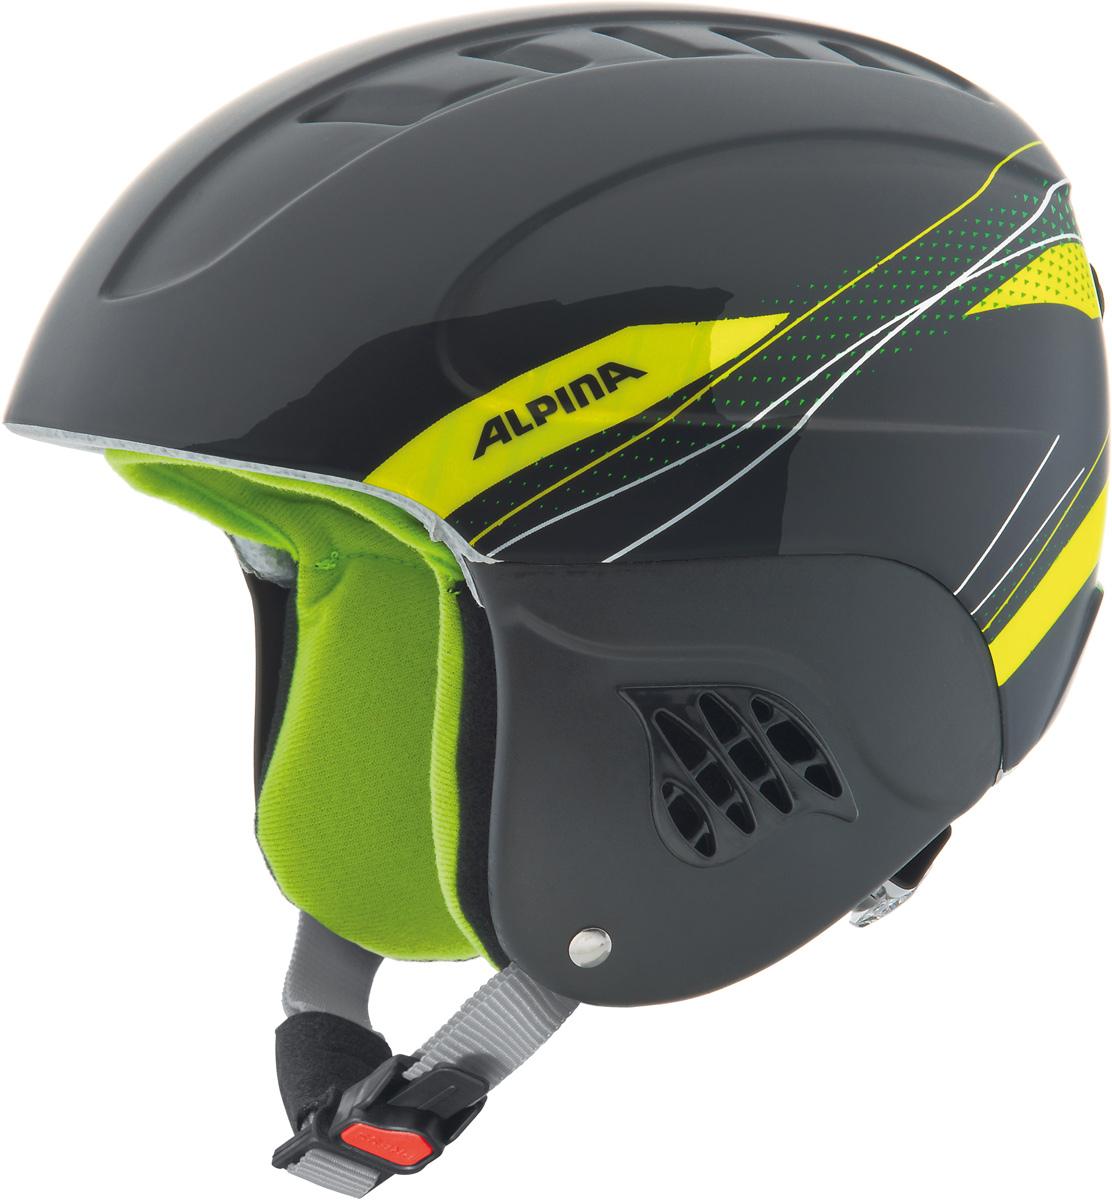 Шлем горнолыжный детский Alpina Carat, цвет: черный, зеленый. A9035_34. Размер 48-52A9035_34Серия детских и подростковых шлемов Carat пополнилась моделью LX. Главным нововведением стало использование перфорации в жёстких наушниках, которые по-прежнему обеспечивают высокую степень защиты, но при этом позволяют слышать всё вокруг.• Вентиляционные отверстия препятствуют перегреву и позволяют поддерживать идеальную температуру внутри шлема. Для этого инженеры Alpina используют эффект Вентури, чтобы сделать циркуляцию воздуха постоянной и максимально эффективной.• Внутренник шлема легко вынимается, стирается, сушится и вставляется обратно.• Из задней части шлема можно достать шейный утеплитель из мякого микро-флиса. Этот теплый воротник также защищает шею от ударов на высокой скорости и при сибирских морозах. В удобной конструкции отсутствуют точки давления на шею.• Прочная и лёгкая конструкция In-mold. Тонкая и прочная поликарбонатная оболочка под воздействием высокой температуры и давления буквально сплавляется с гранулами EPS, которые гасят ударную нагрузку.• Внутренная оболочка каждого шлема Alpina состоит из гранул HI-EPS (сильно вспененного полистирола). Микроскопические воздушные карманы эффективно поглощают ударную нагрузку и обеспечивают высокую теплоизоляцию. Эта технология позволяет достичь минимальной толщины оболочки. А так как гранулы HI-EPS не впитывают влагу, их защитный эффект не ослабевает со временем.• Удобная и точная система регулировки Run System Ergo Snow позволяет быстро и комфортно подогнать шлем по голове, без создания отдельных точек избыточного давления.• Y-образный ремнераспределитель двух ремешков находится под ухом и обеспечивает быструю и точную посадку шлема на голове.• Вместо фастекса на ремешке используется красная кнопка с автоматическим запирающим механизмом, которую легко использовать даже в лыжных перчатках. Механизм защищён от произвольного раскрытия при падении.